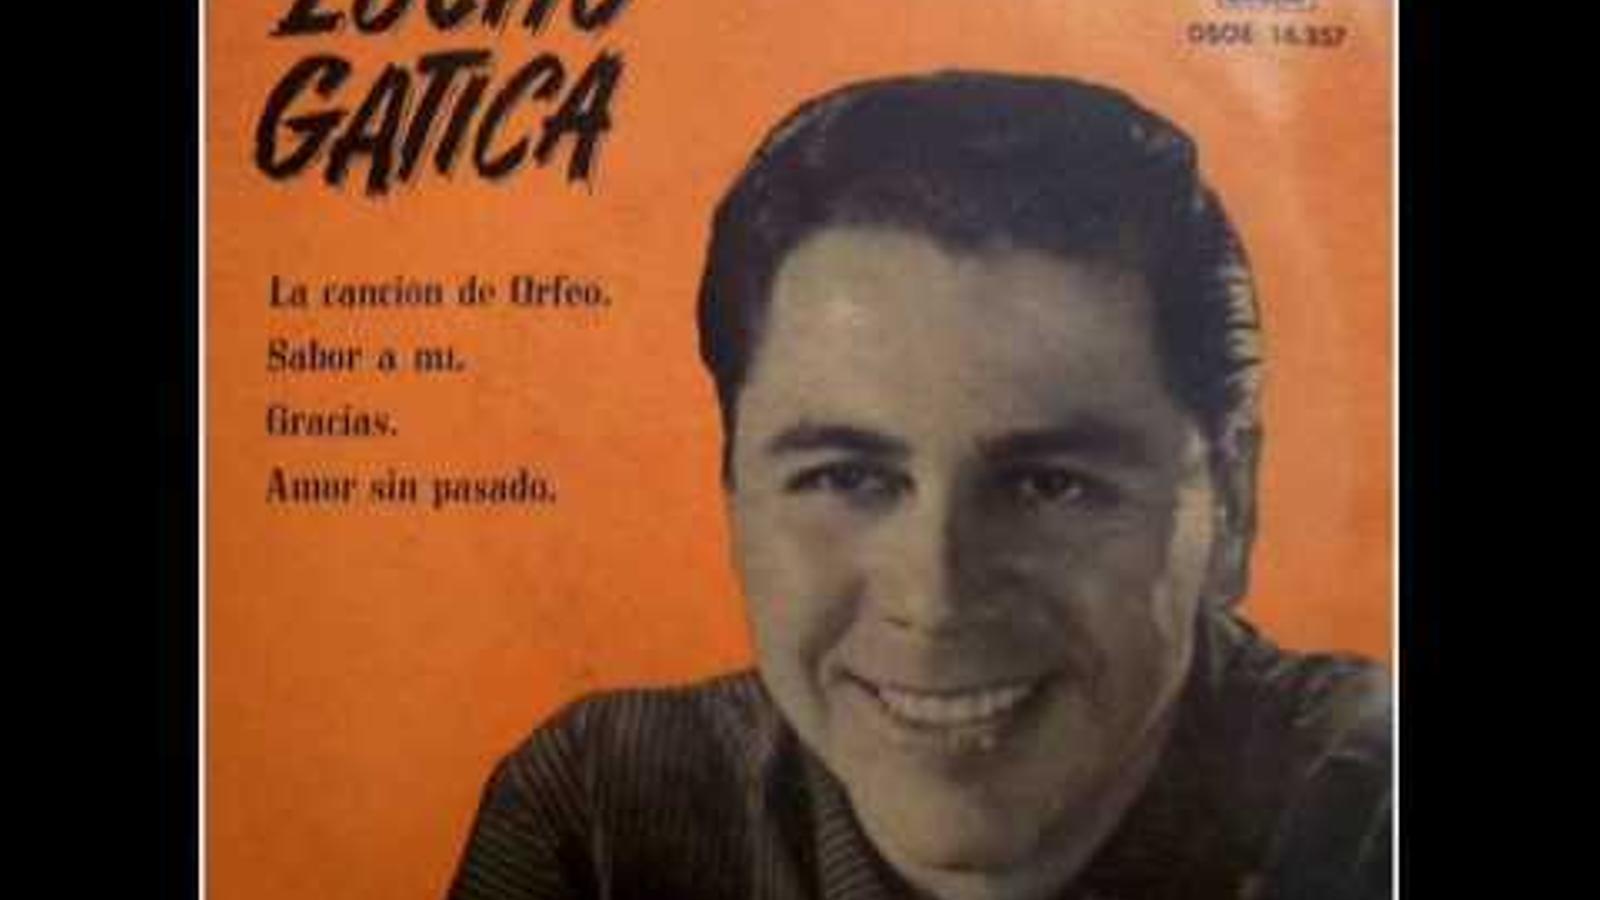 Mor als 90 anys Lucho Gatica, la veu llegendària del bolero